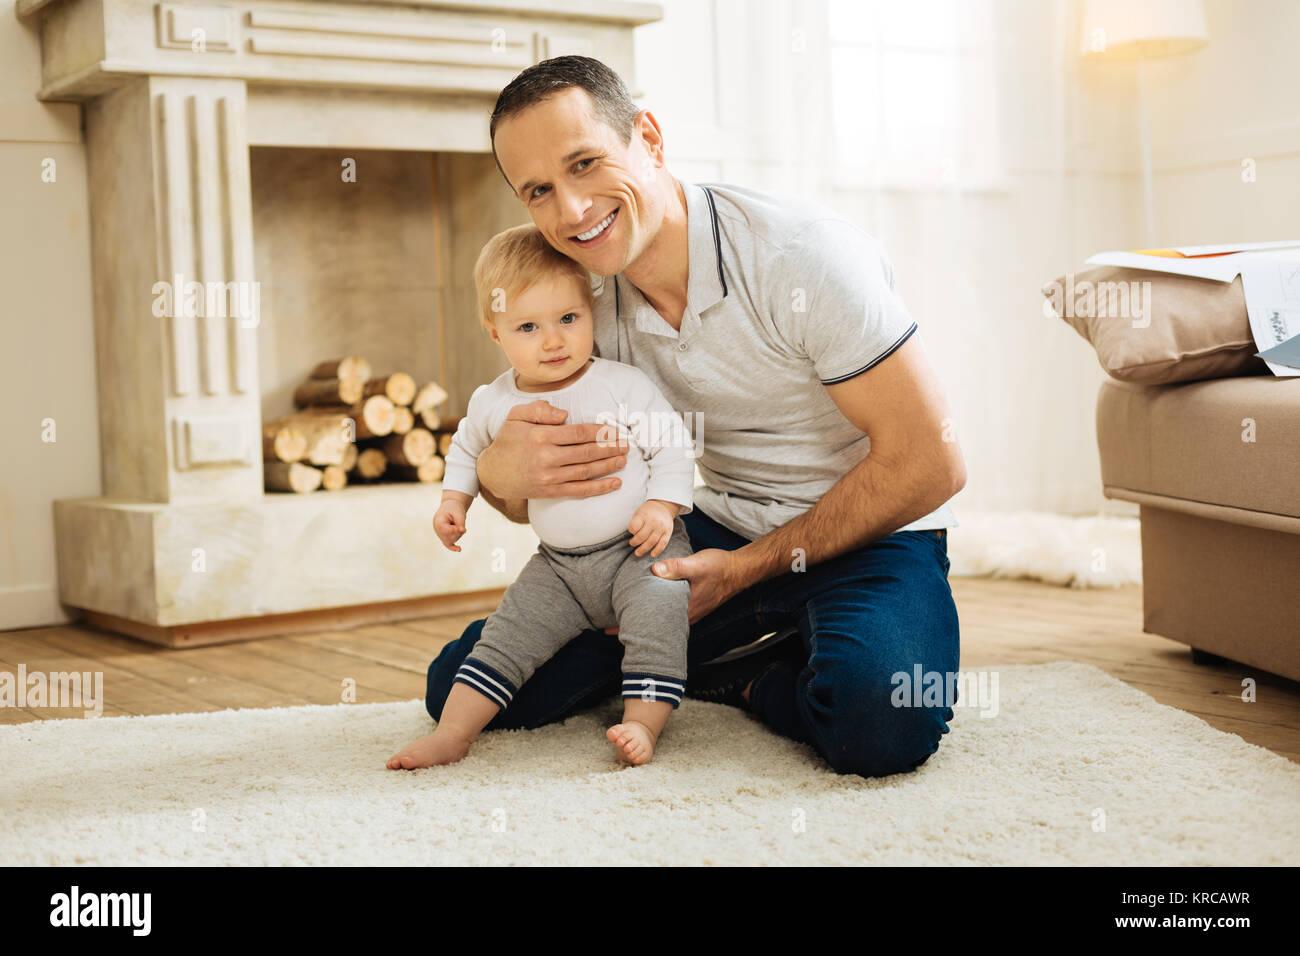 Felice giovane padre abbraccia il suo bambino mentre è seduto in una stanza vivente Immagini Stock